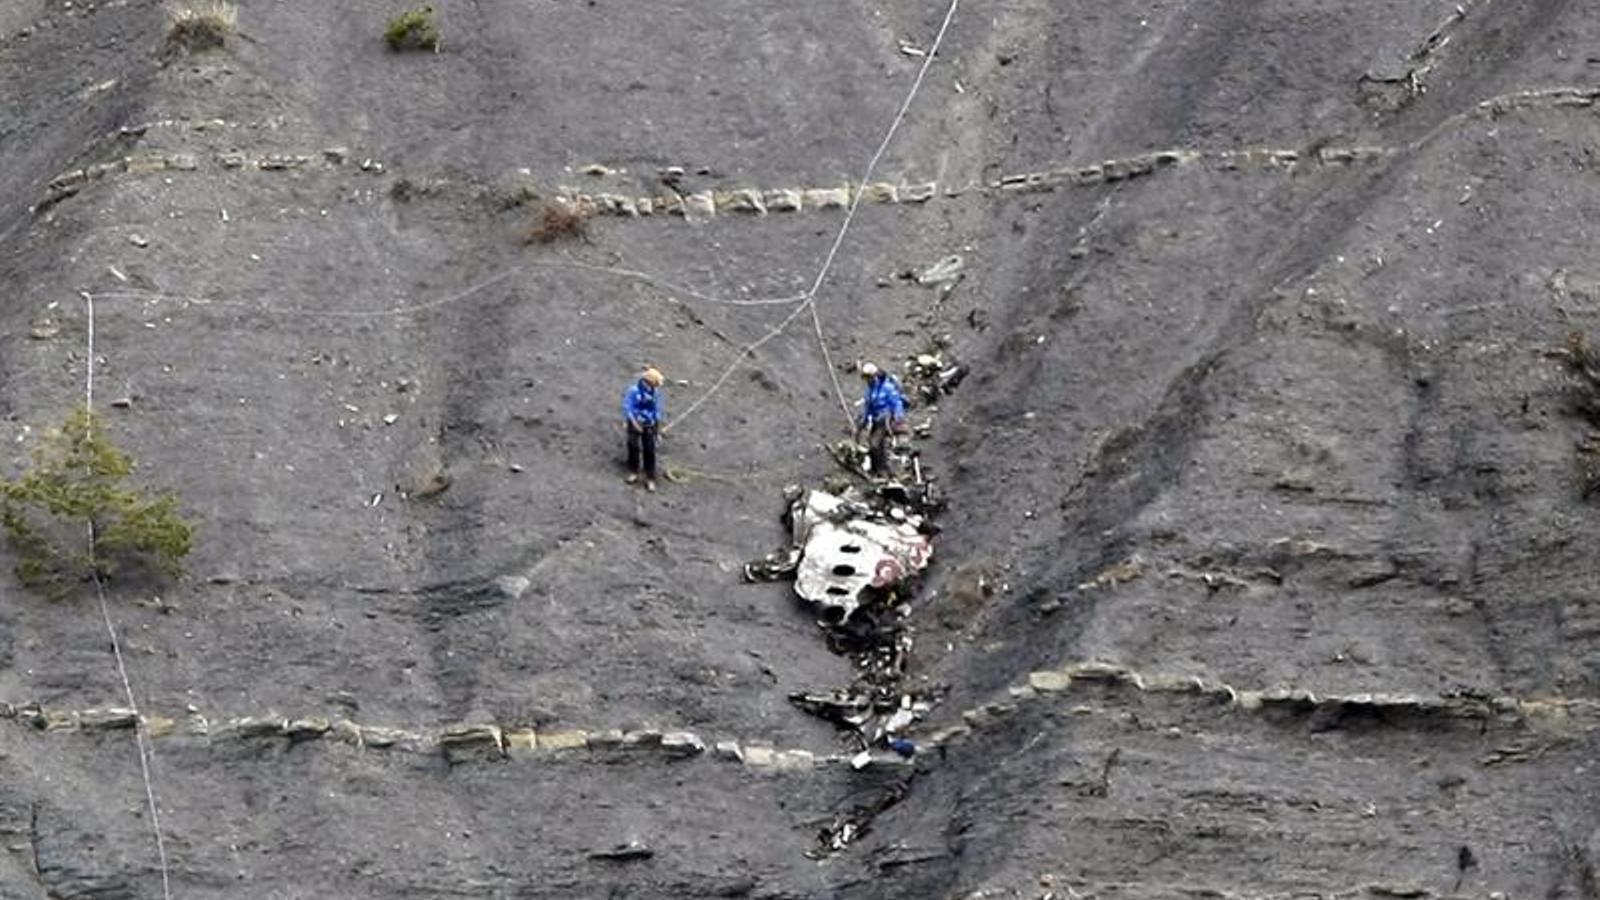 Cinc anys després de la tragèdia de Germanwings: pendents dels controls mèdics dels pilots